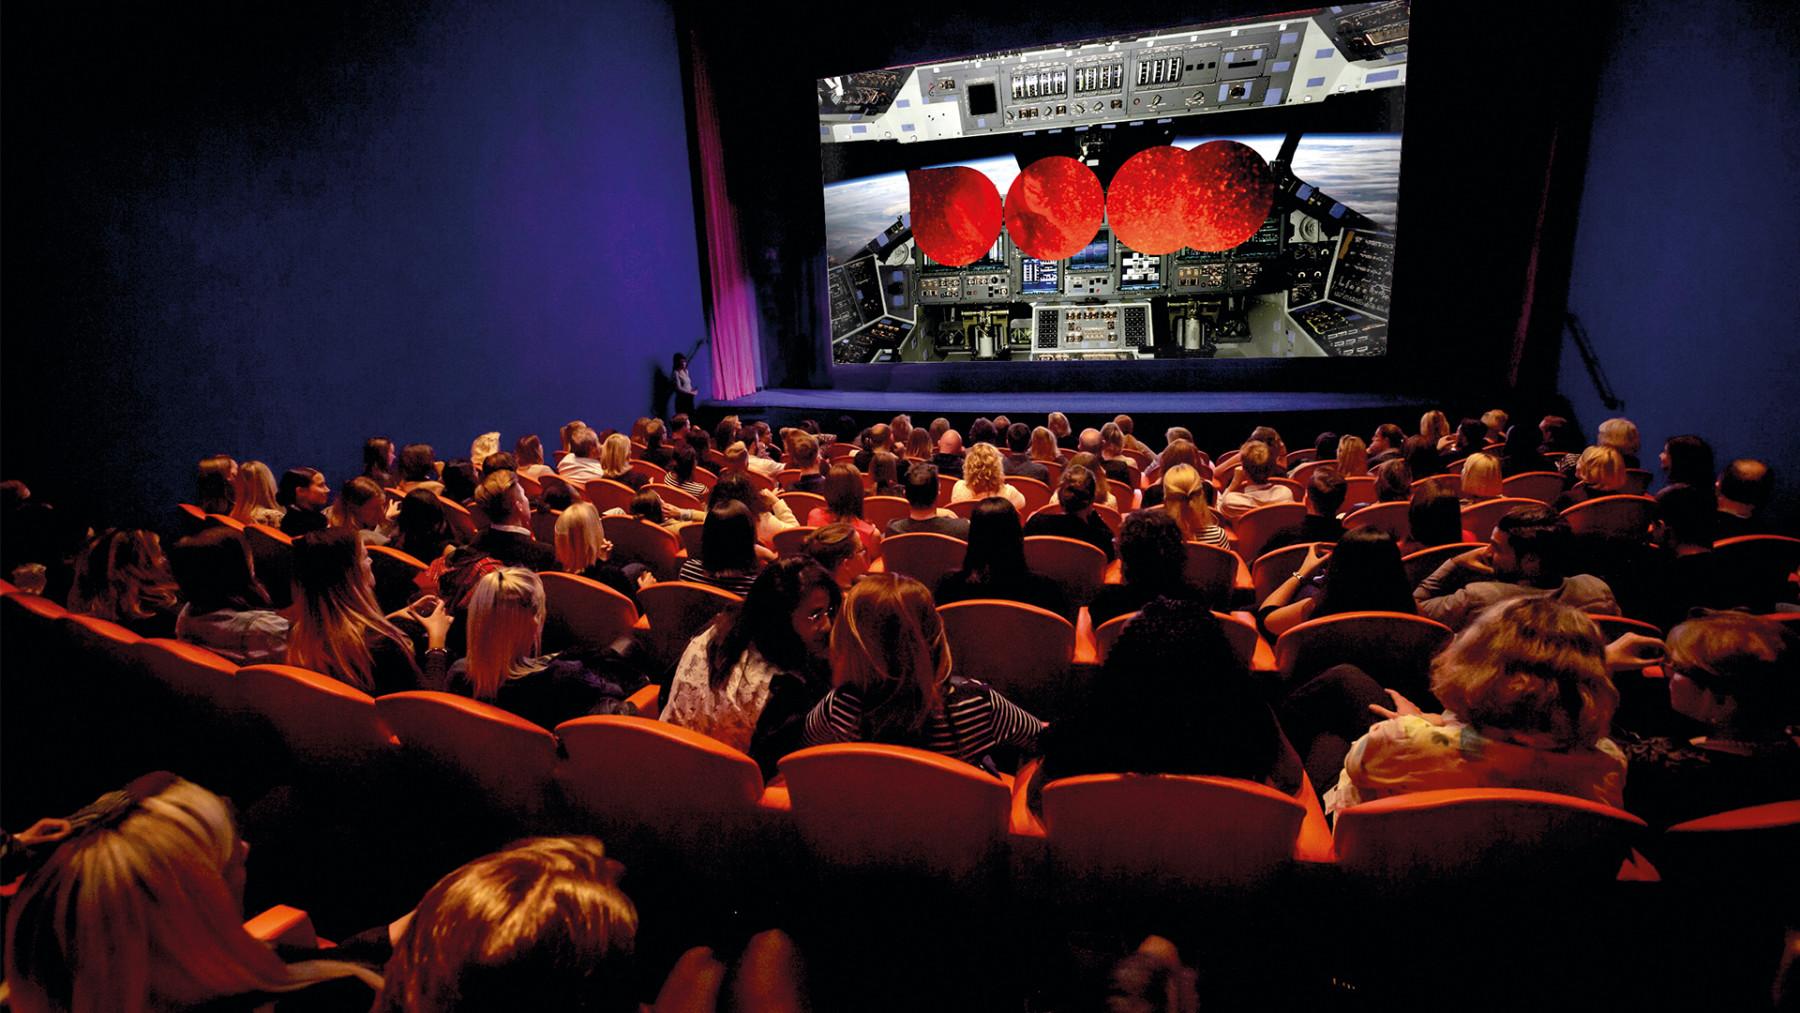 Россия стала лидером европейского кинопроката по числу проданных билетов